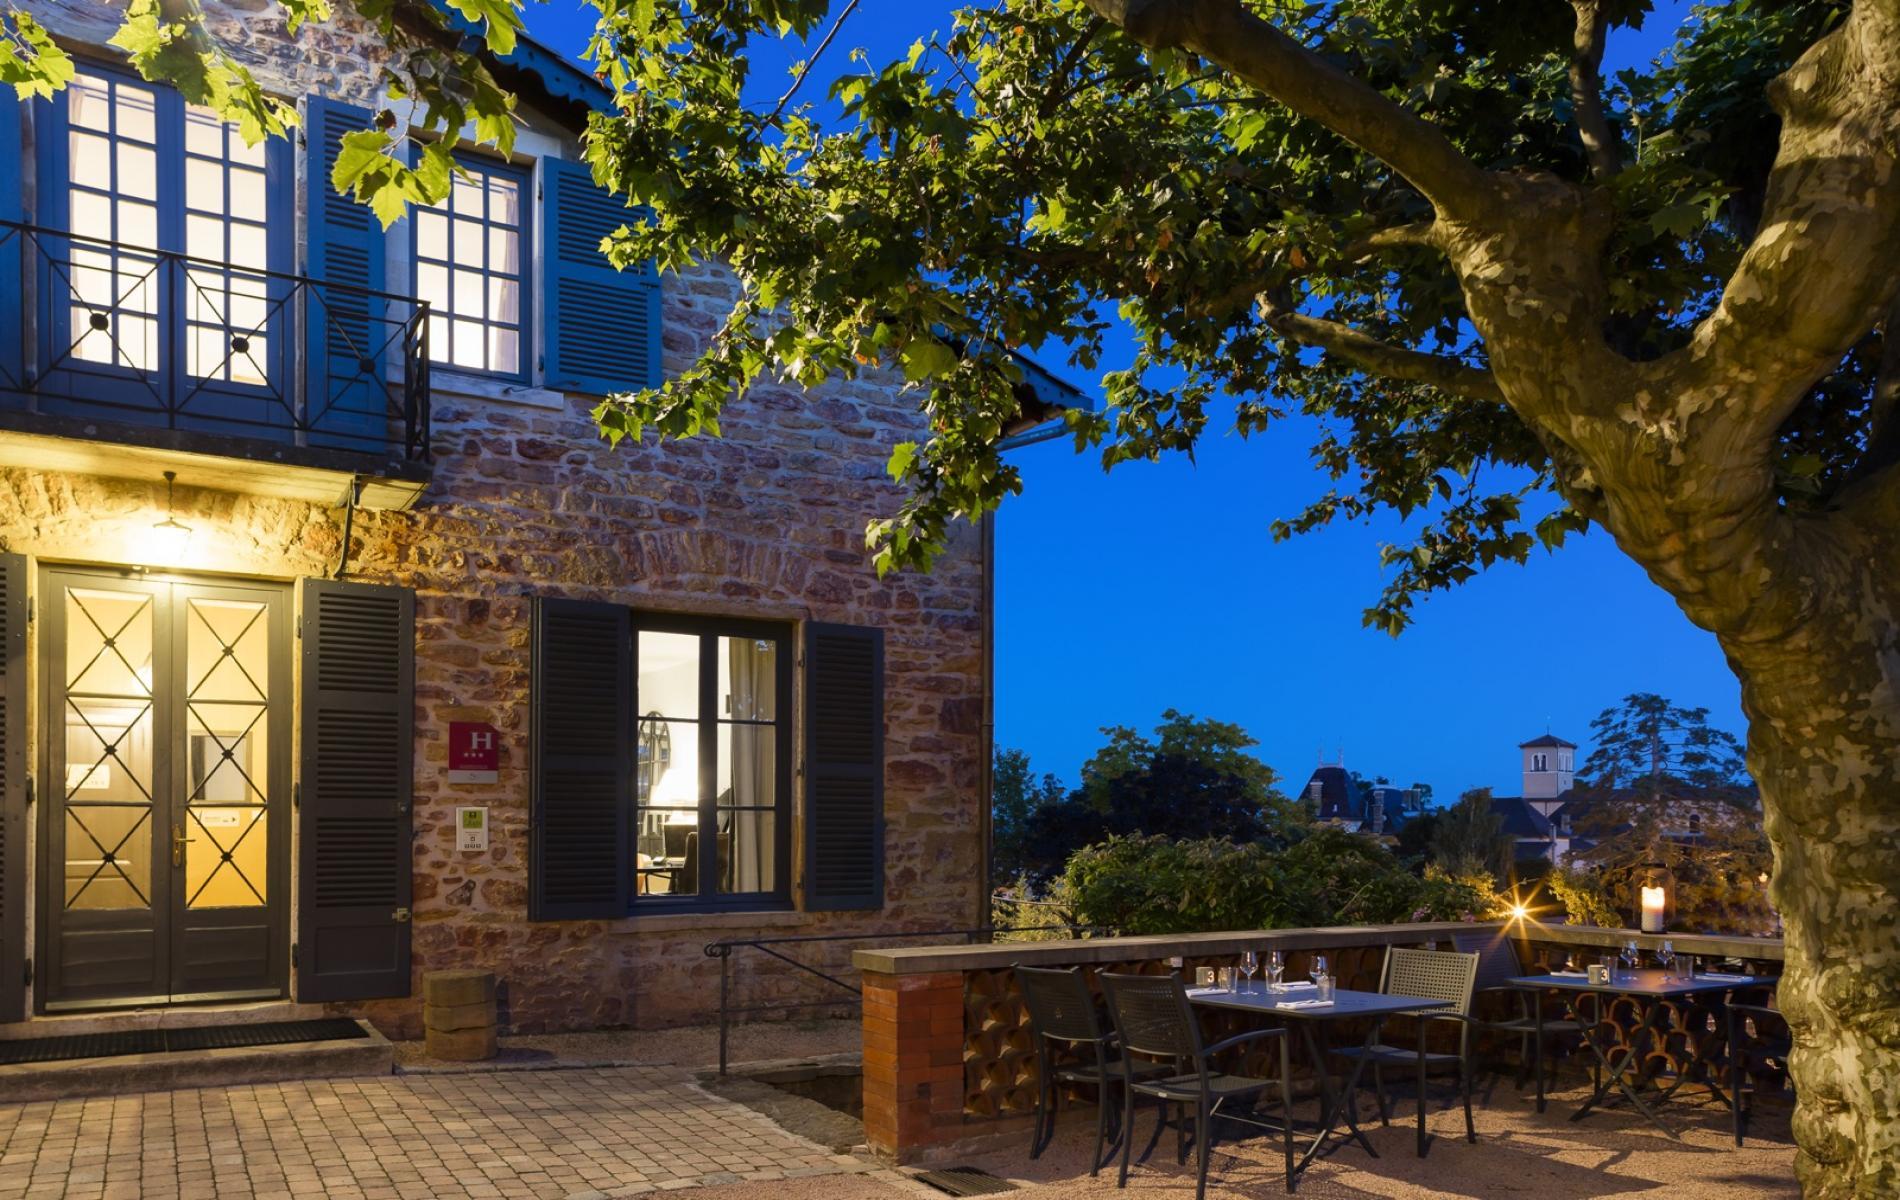 Profitez de votre soirée sur notre terrasse